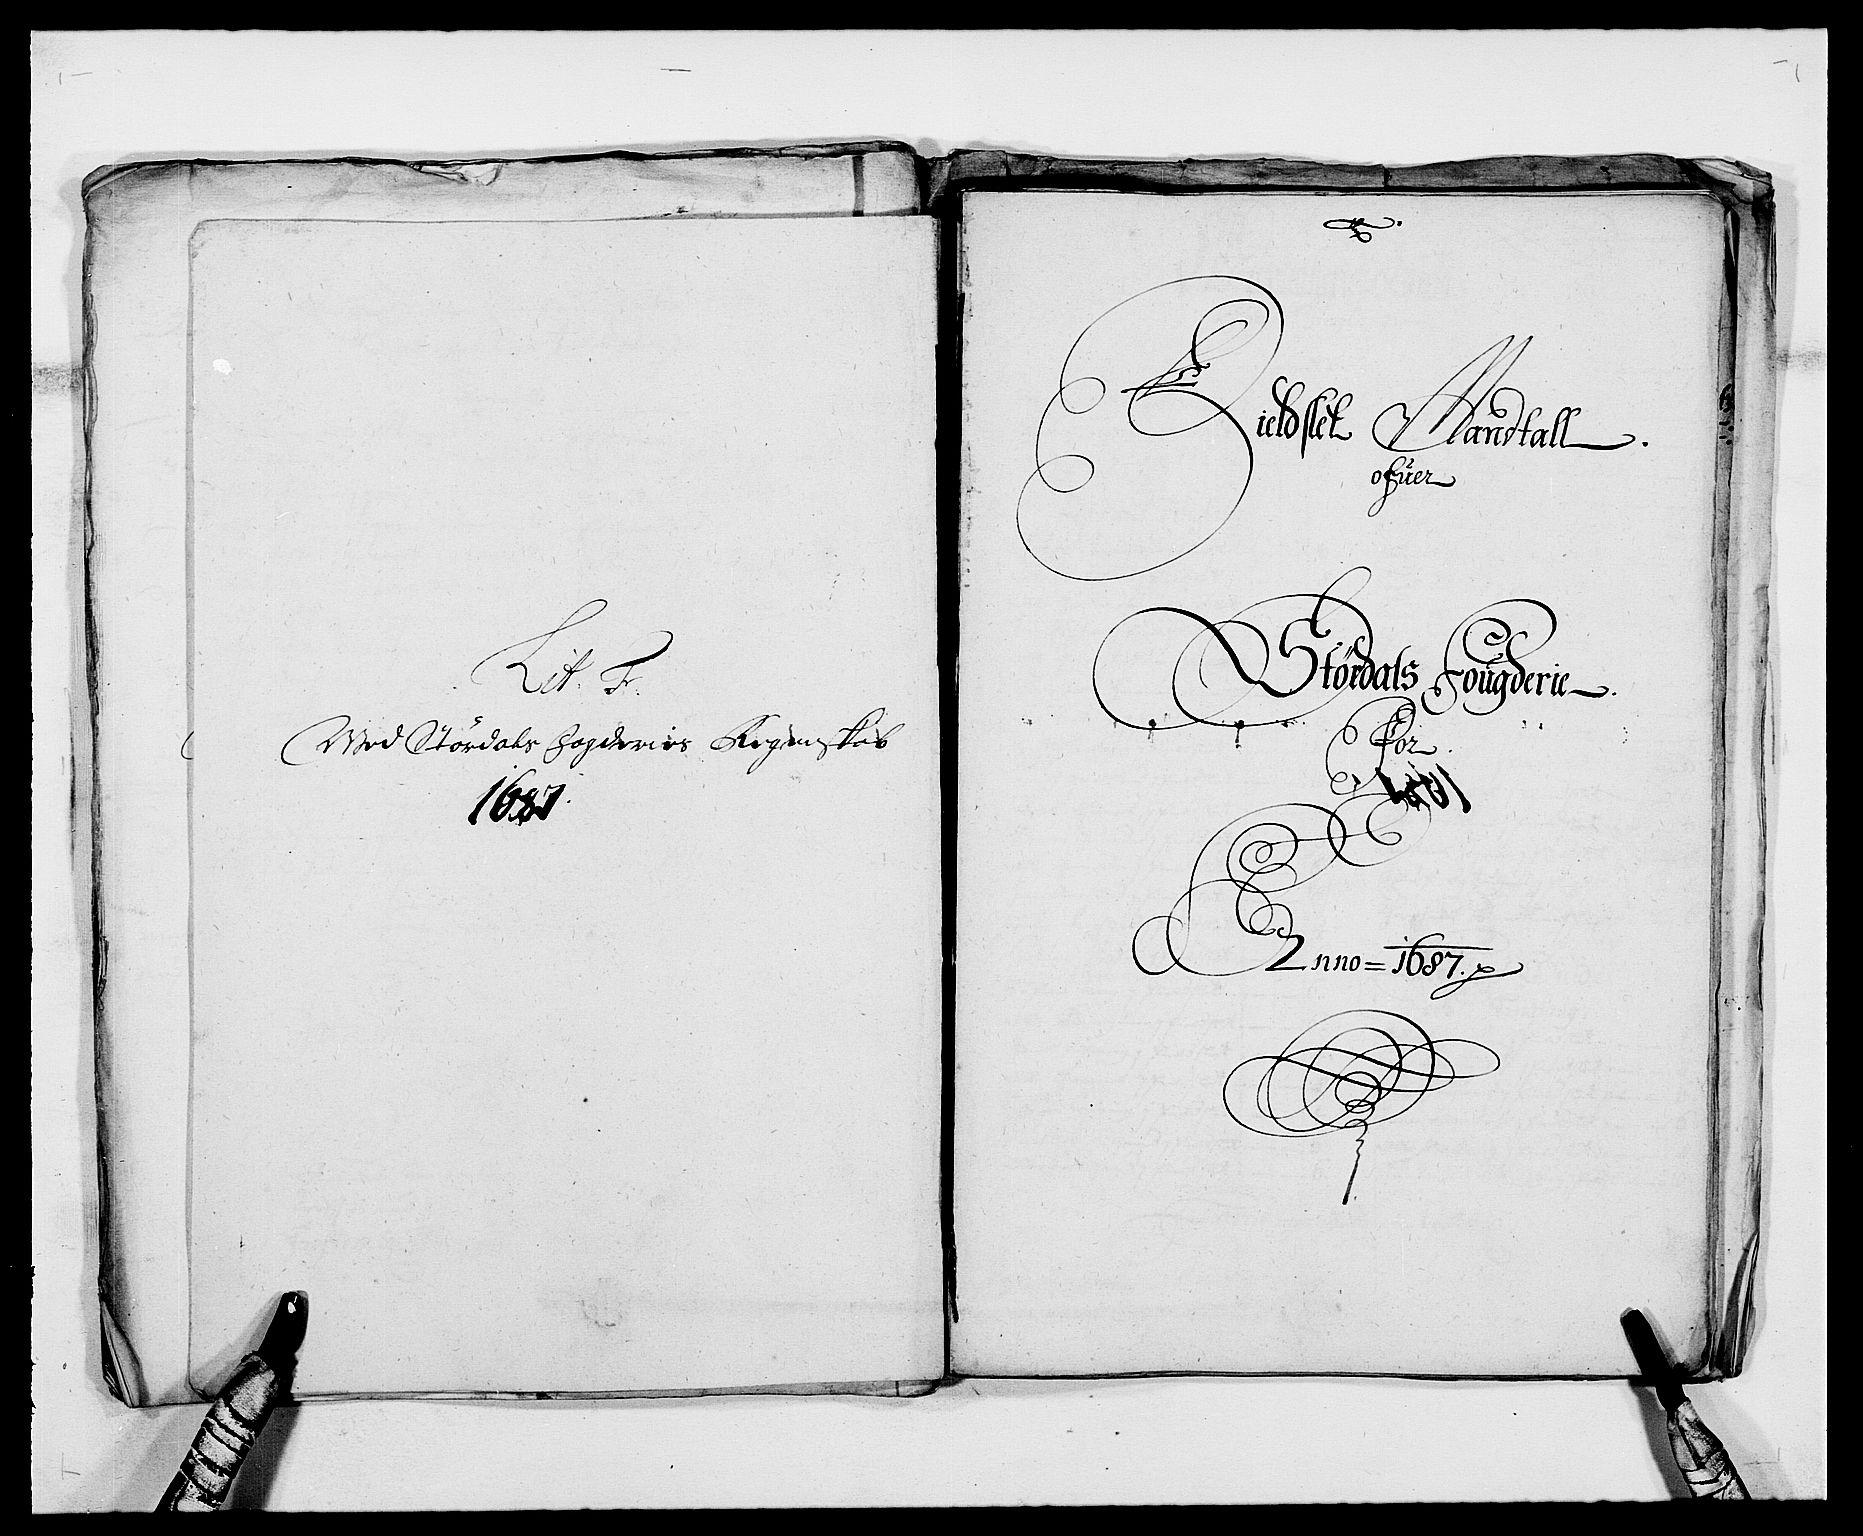 RA, Rentekammeret inntil 1814, Reviderte regnskaper, Fogderegnskap, R62/L4183: Fogderegnskap Stjørdal og Verdal, 1687-1689, s. 59